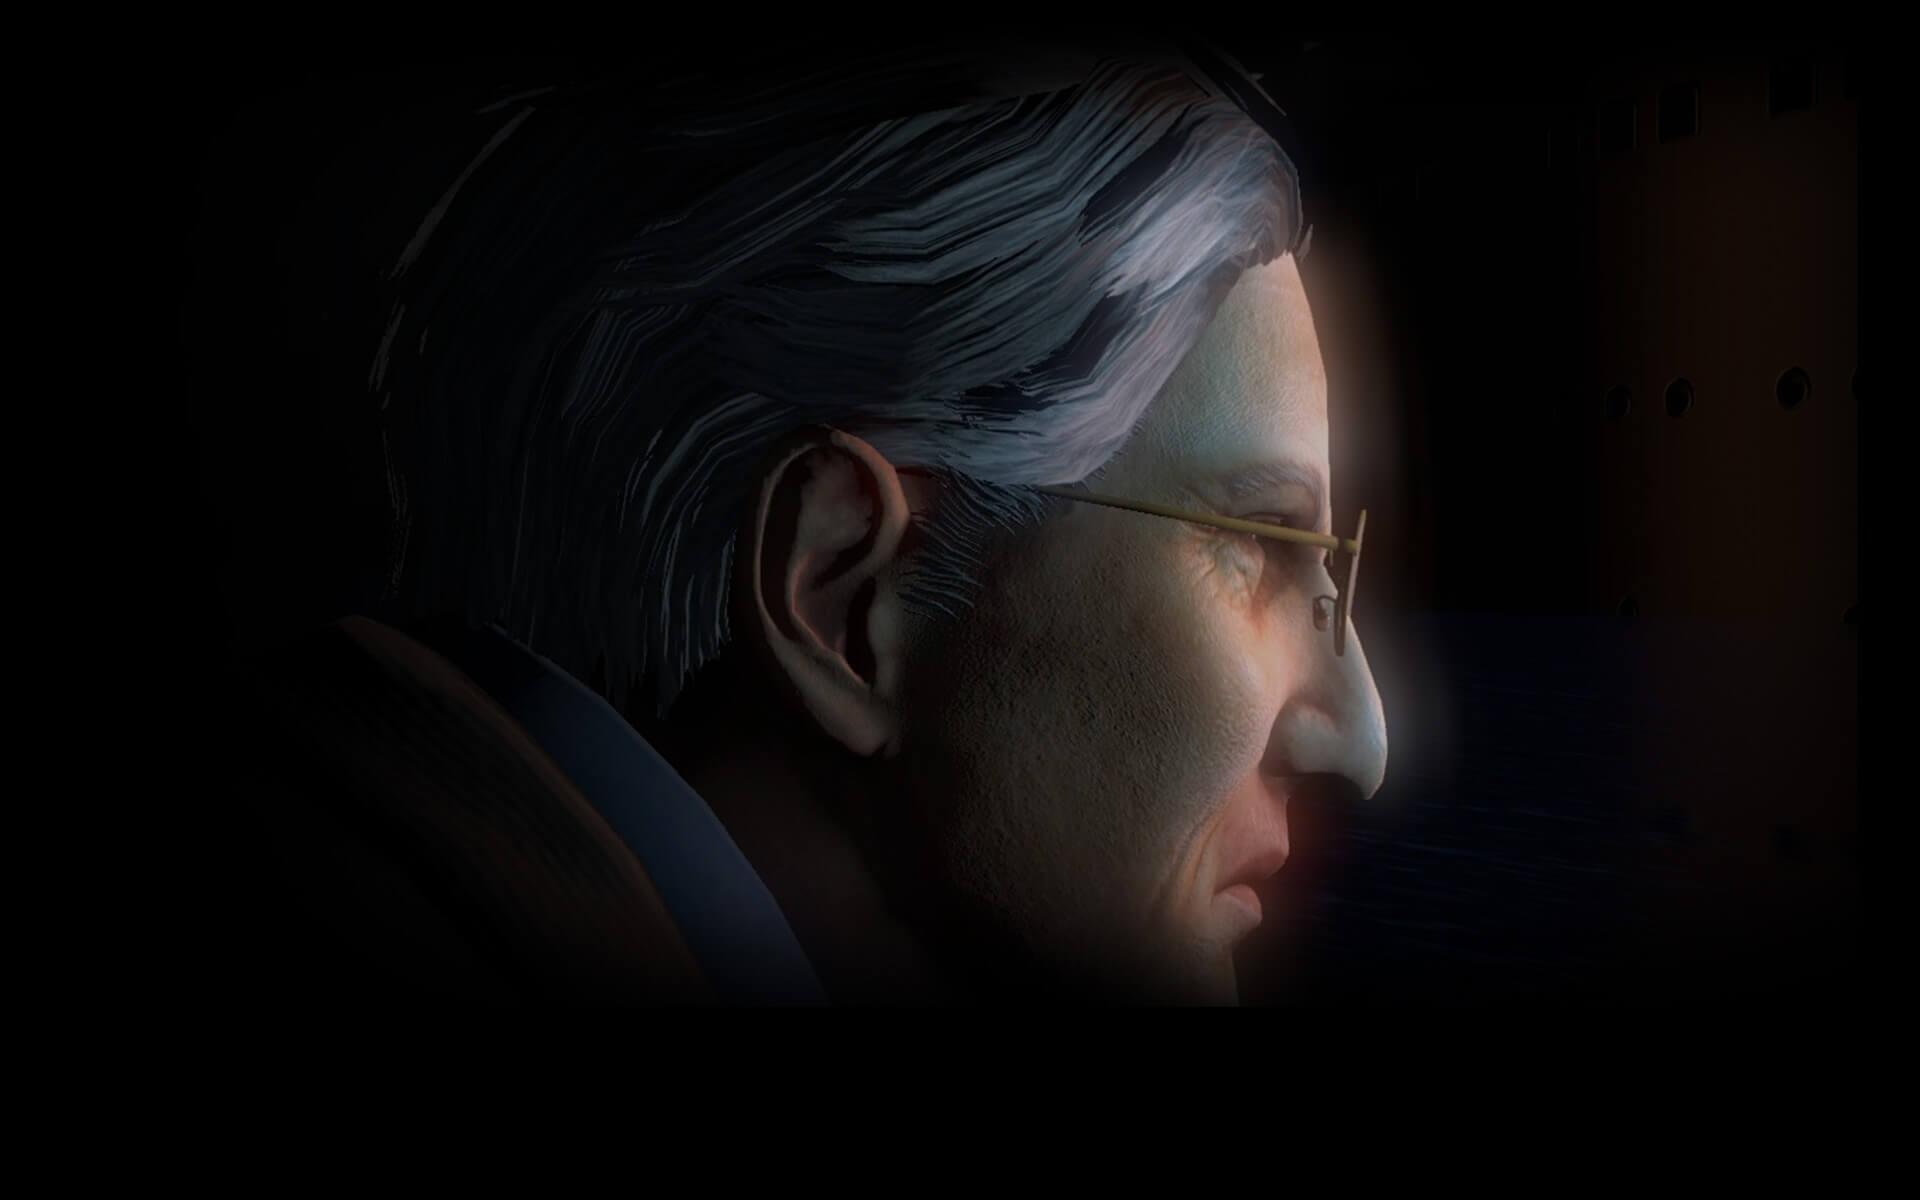 [How to Win] Night Cry บทที่ 2 ศาตราจารย์ด้านจิตวิทยา